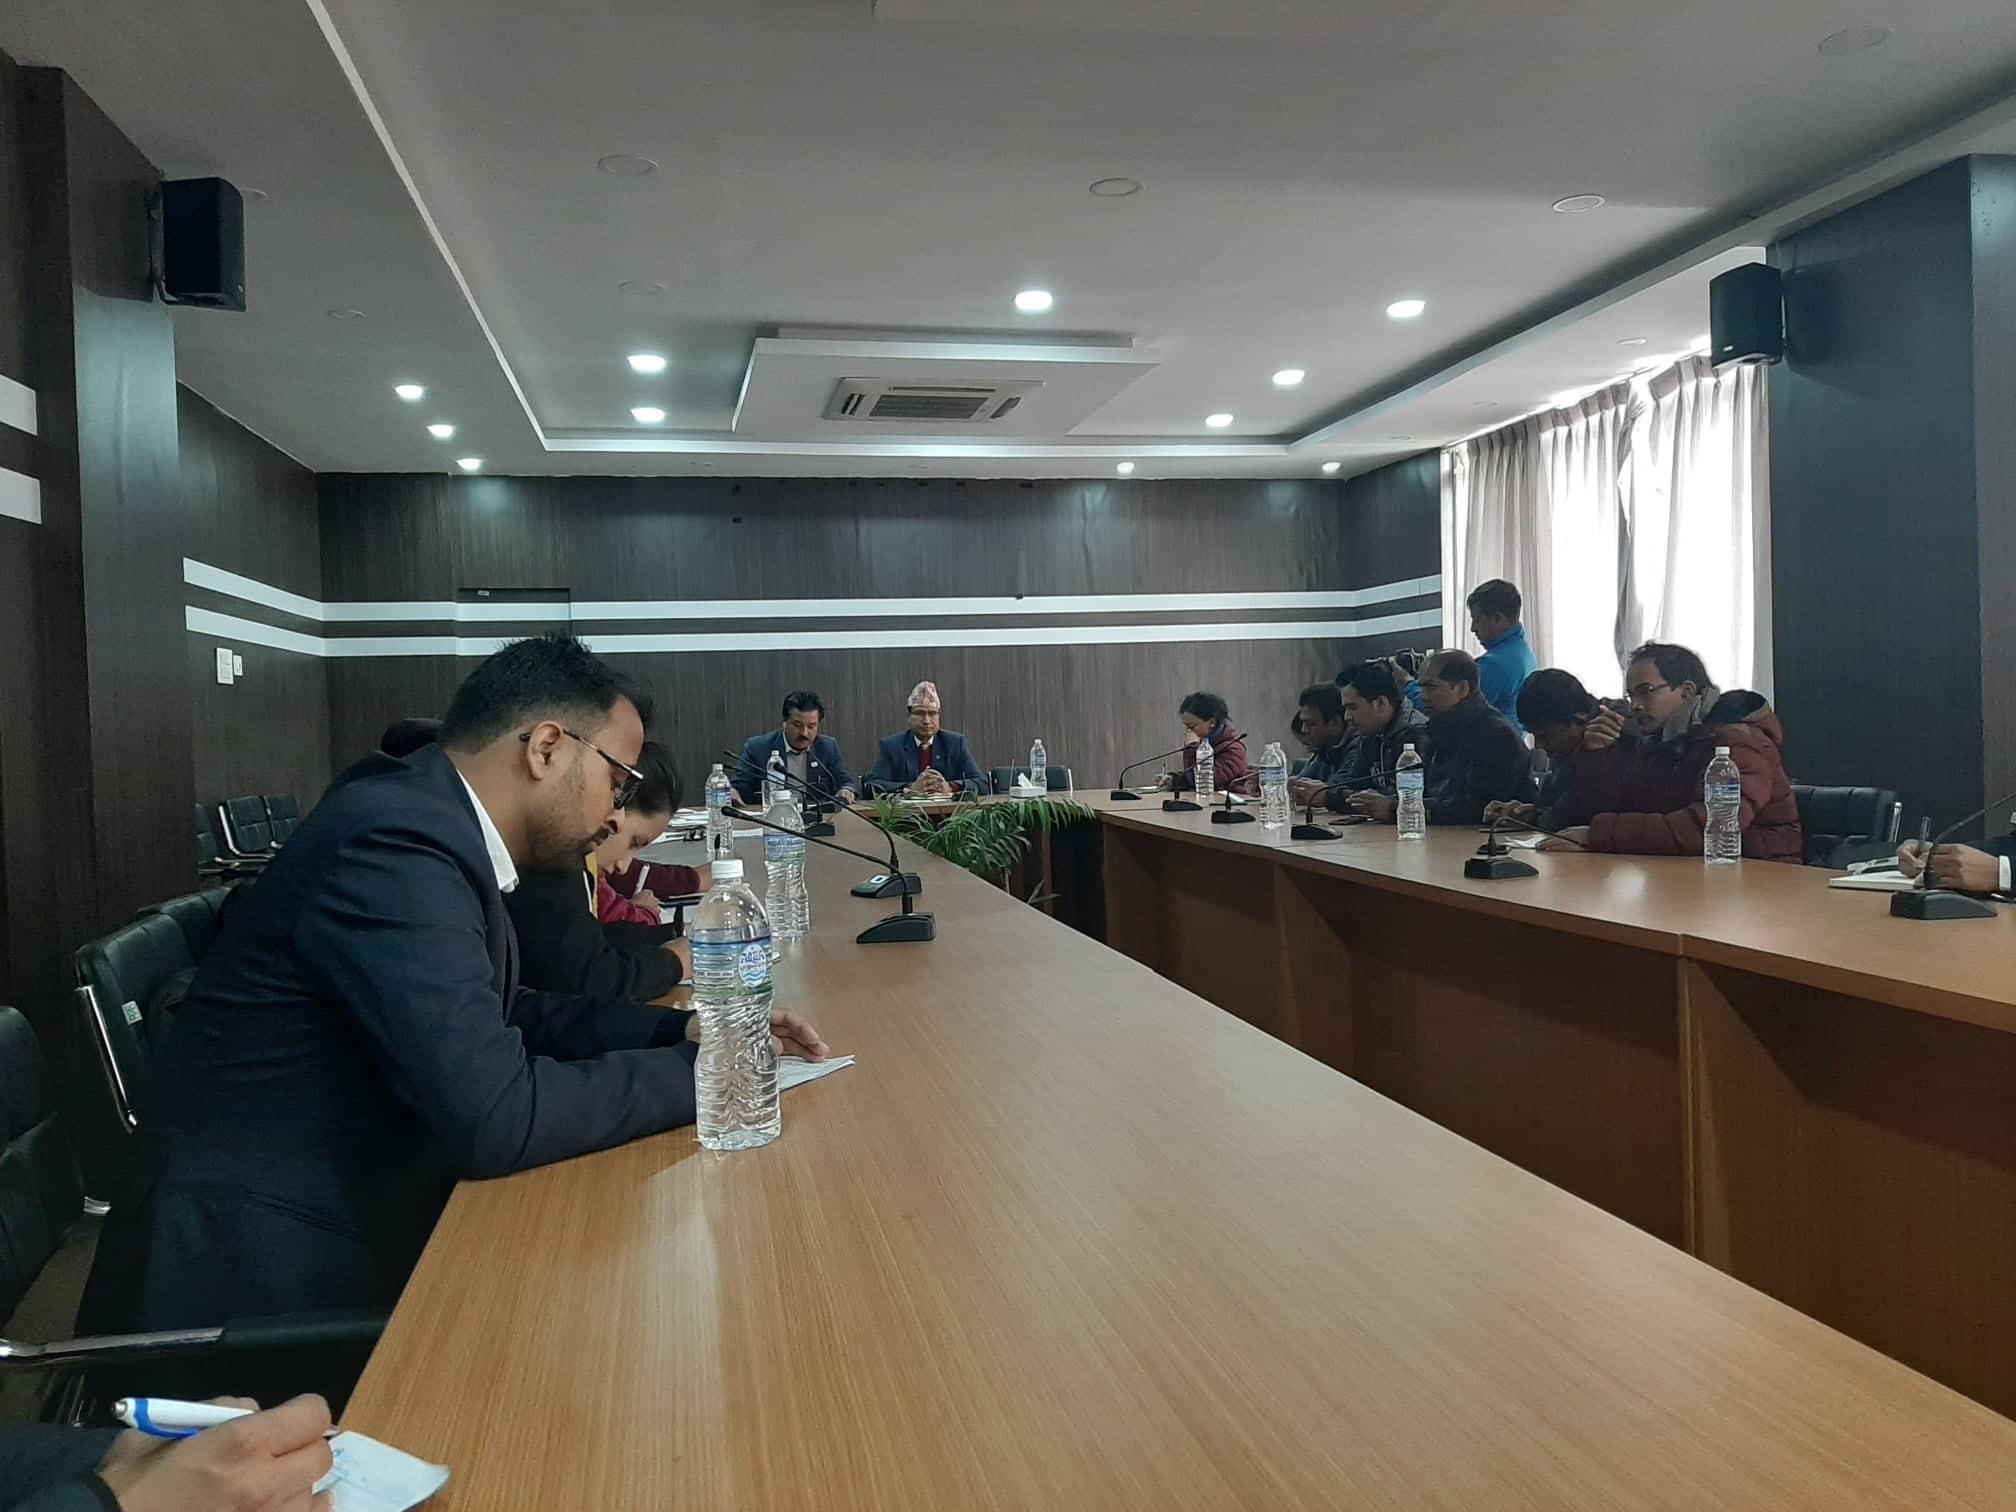 साताब्यापी आप्रवासी कामदार दिवस शुरु, काठमाडौंमा प्रभातफेरि नहुने